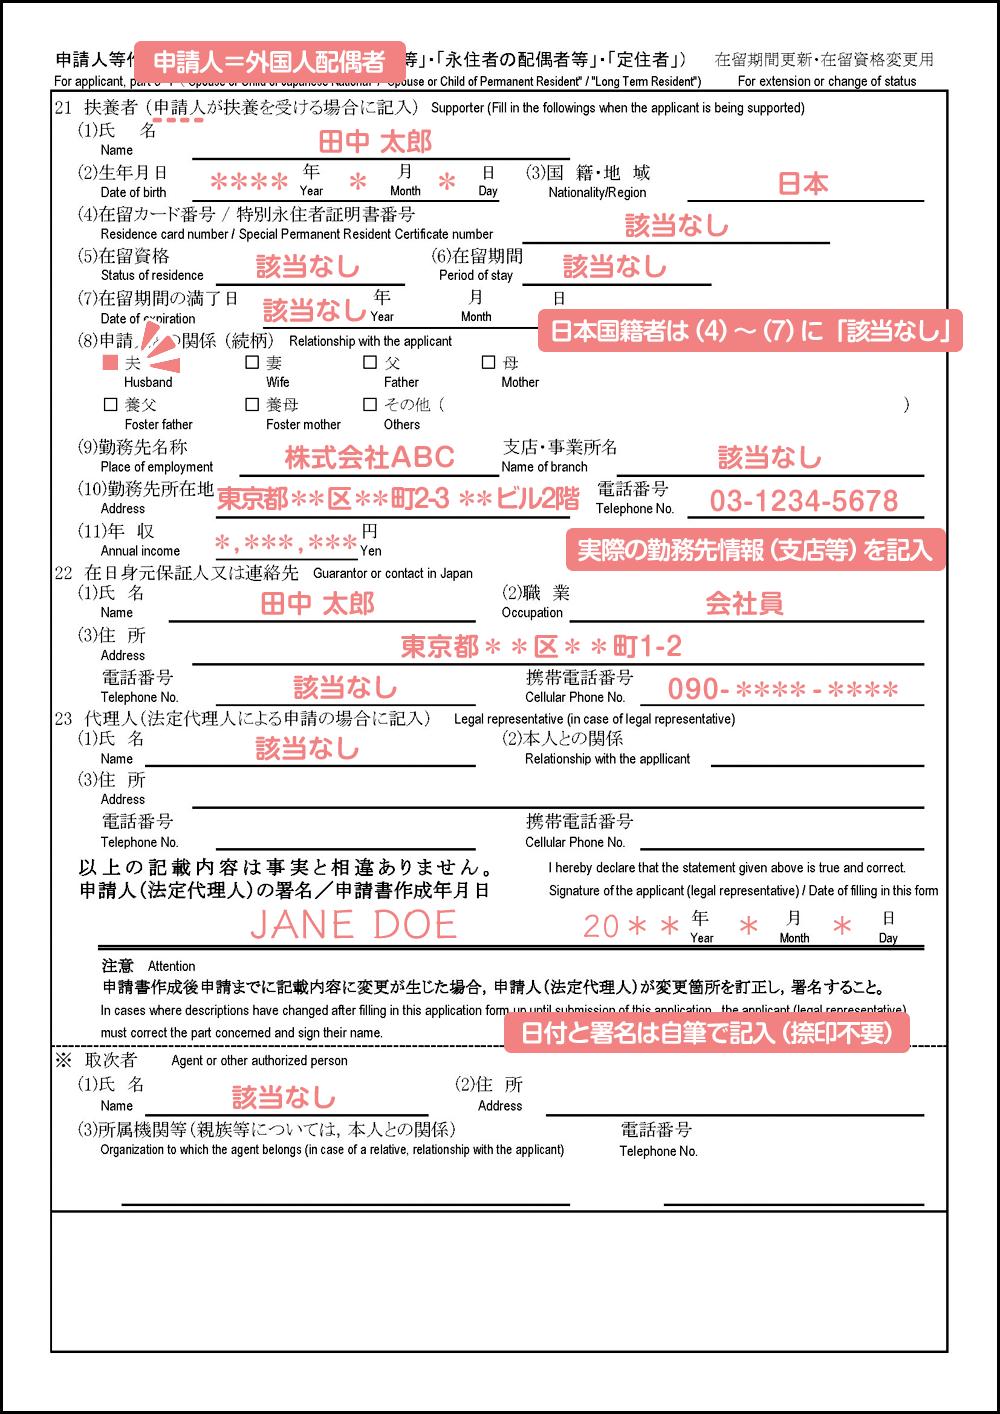 配偶者ビザ申請の在留資格変更許可申請書_3枚目